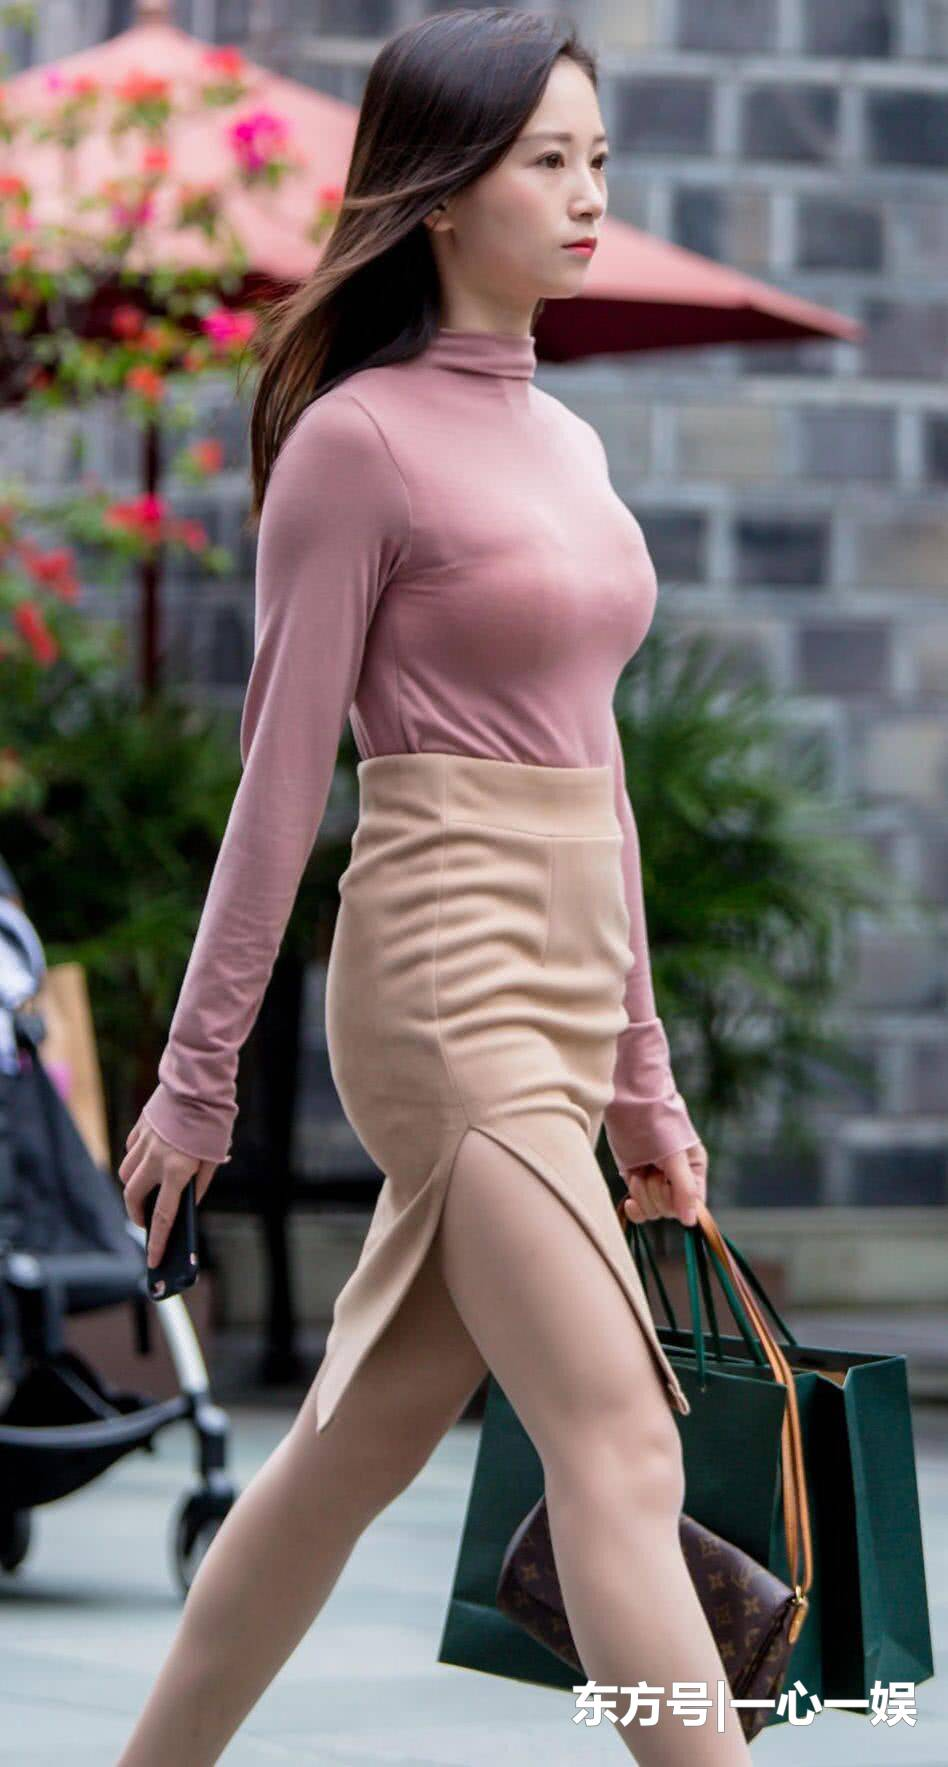 街拍:美女,动若脱兔大方,美丽性感,格外的时尚靓丽迷人!